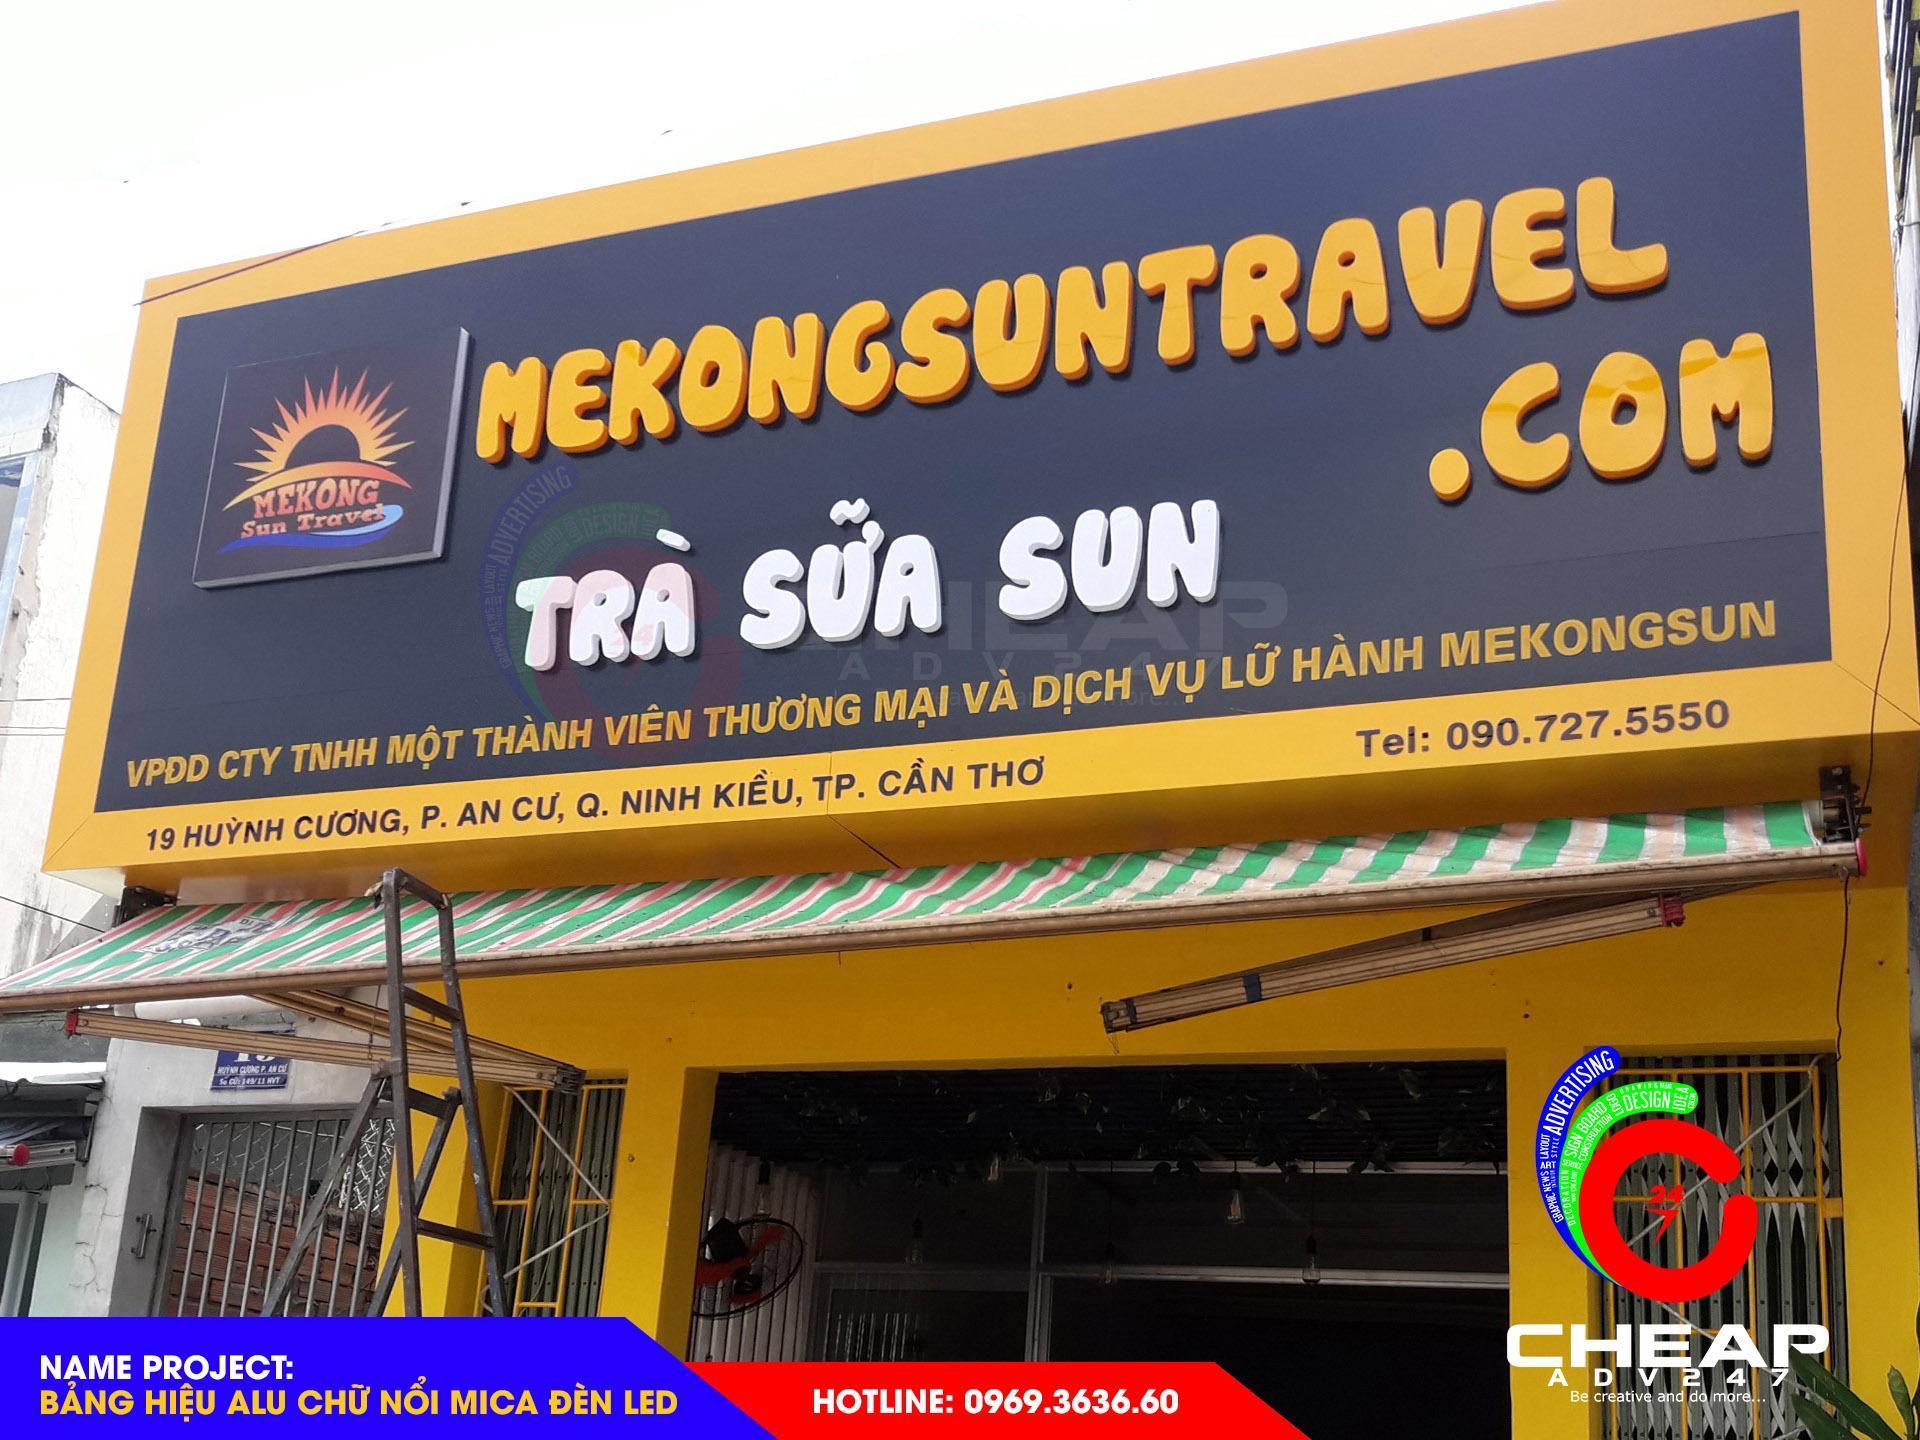 Báo giá làm bảng hiệu Chữ Nổi, Chữ hộp, Logo, Trang trí bằng Mica tại cheapdv247